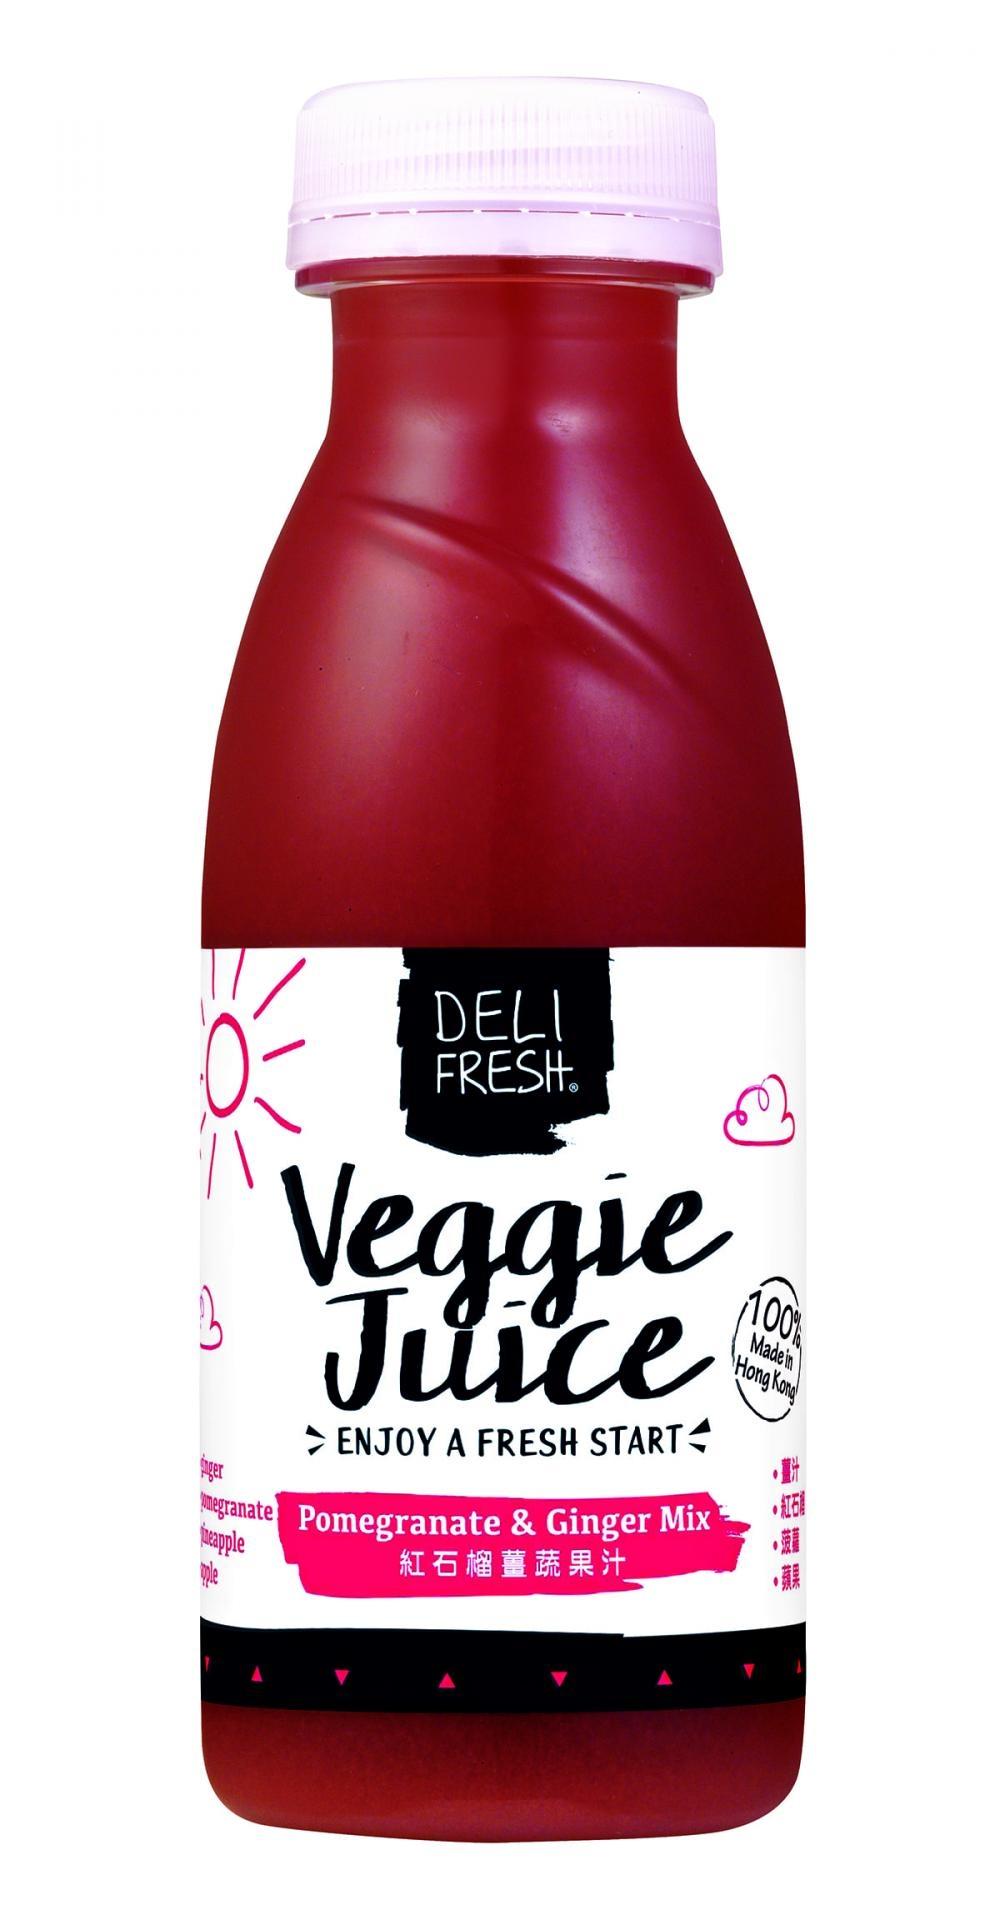 紅石榴薑蔬果汁 $17.5